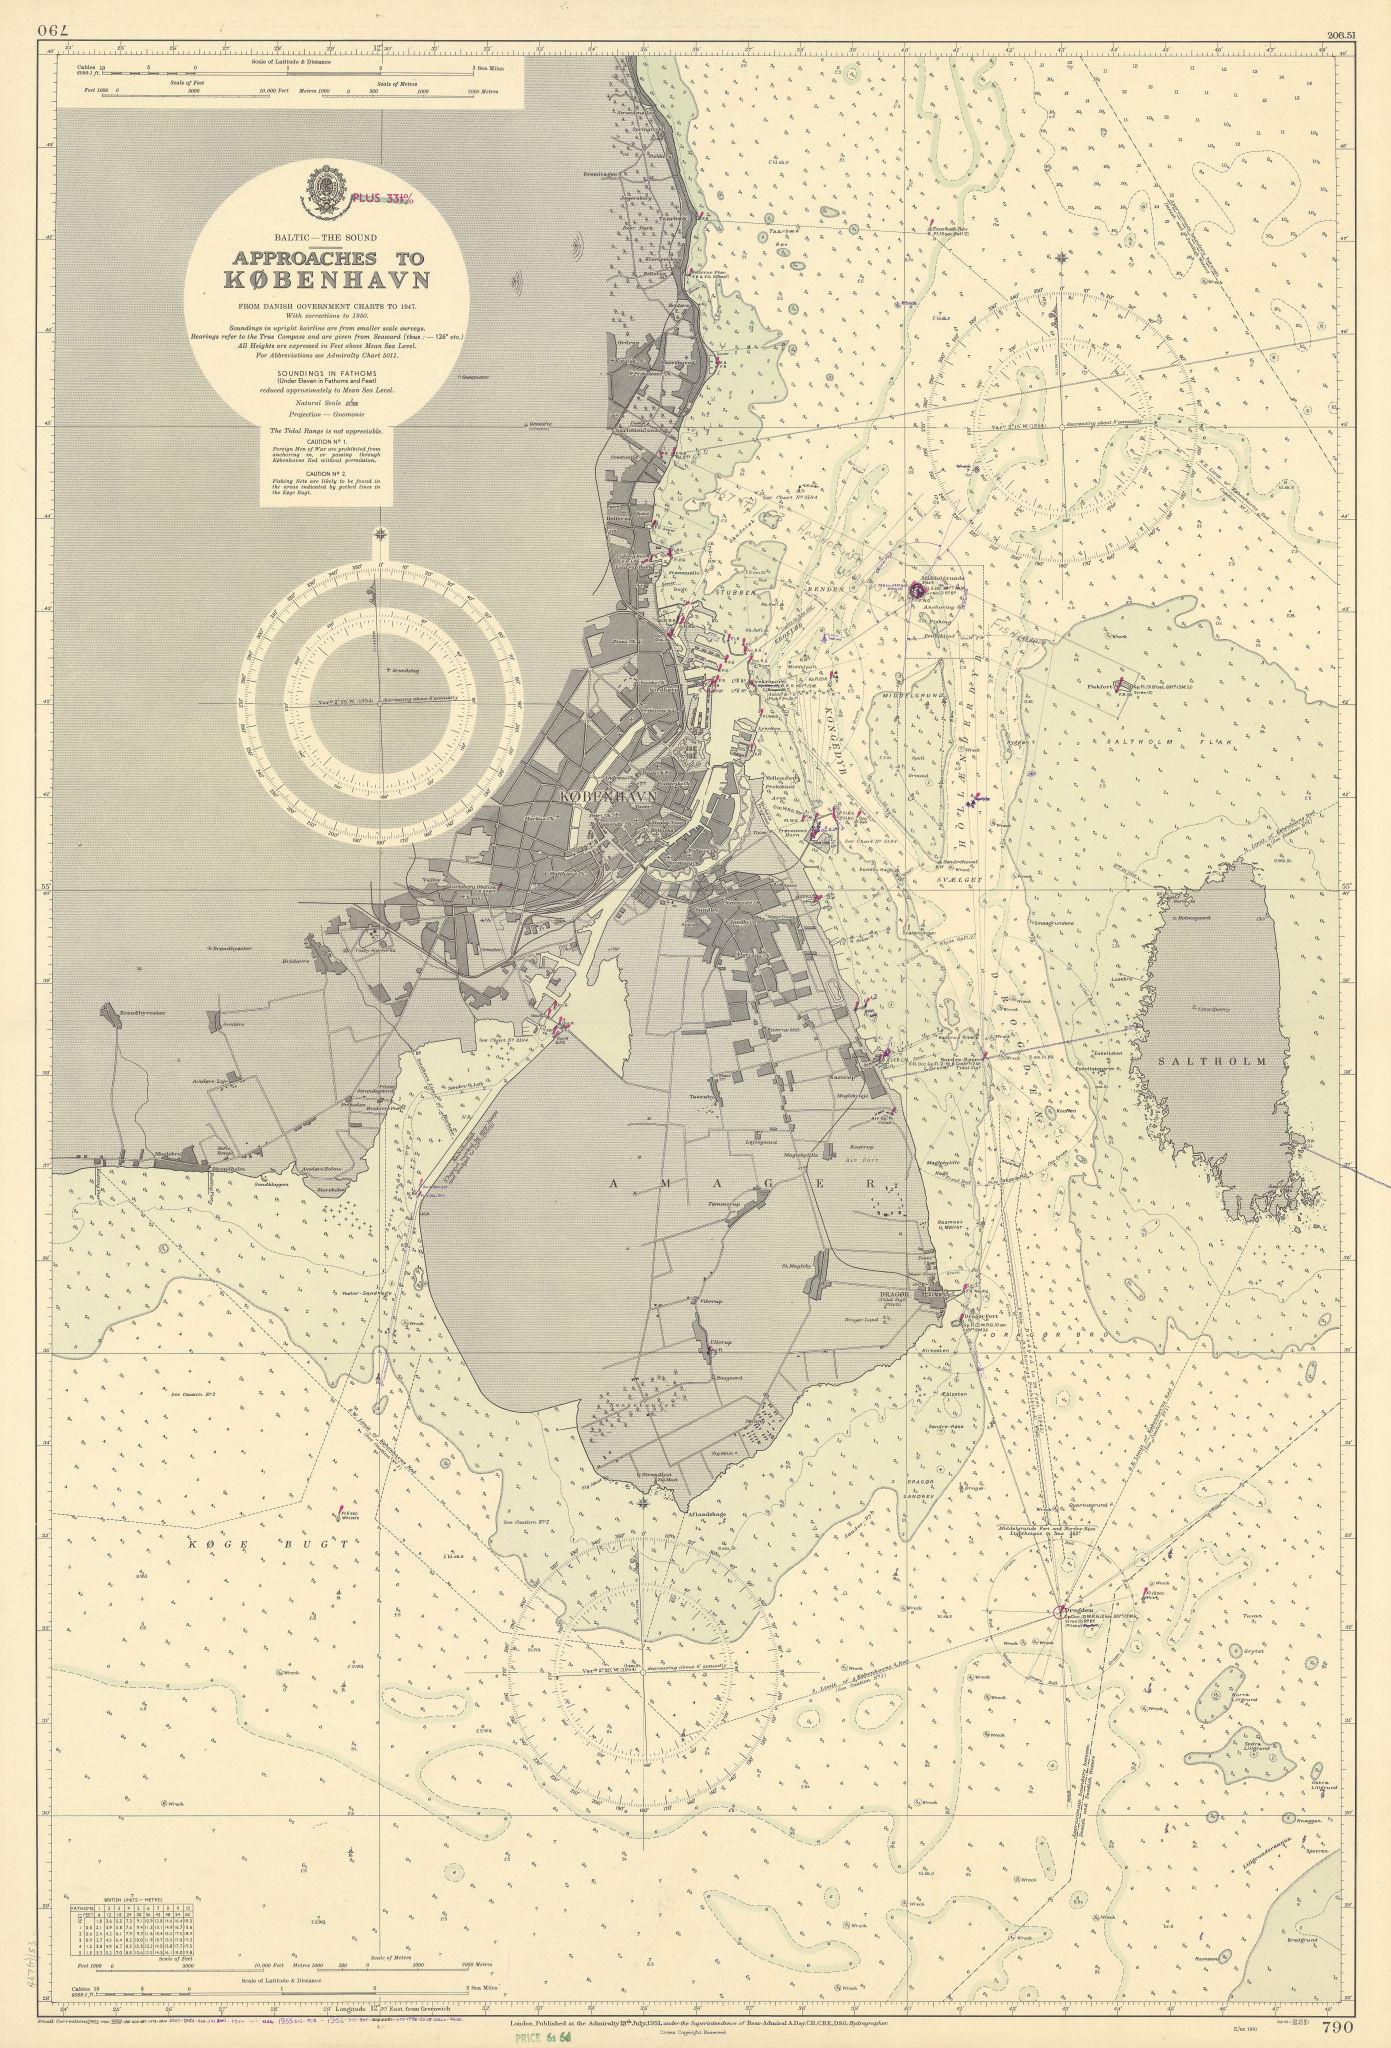 Copenhagen København approaches. Denmark. ADMIRALTY sea chart 1951 (1956) map